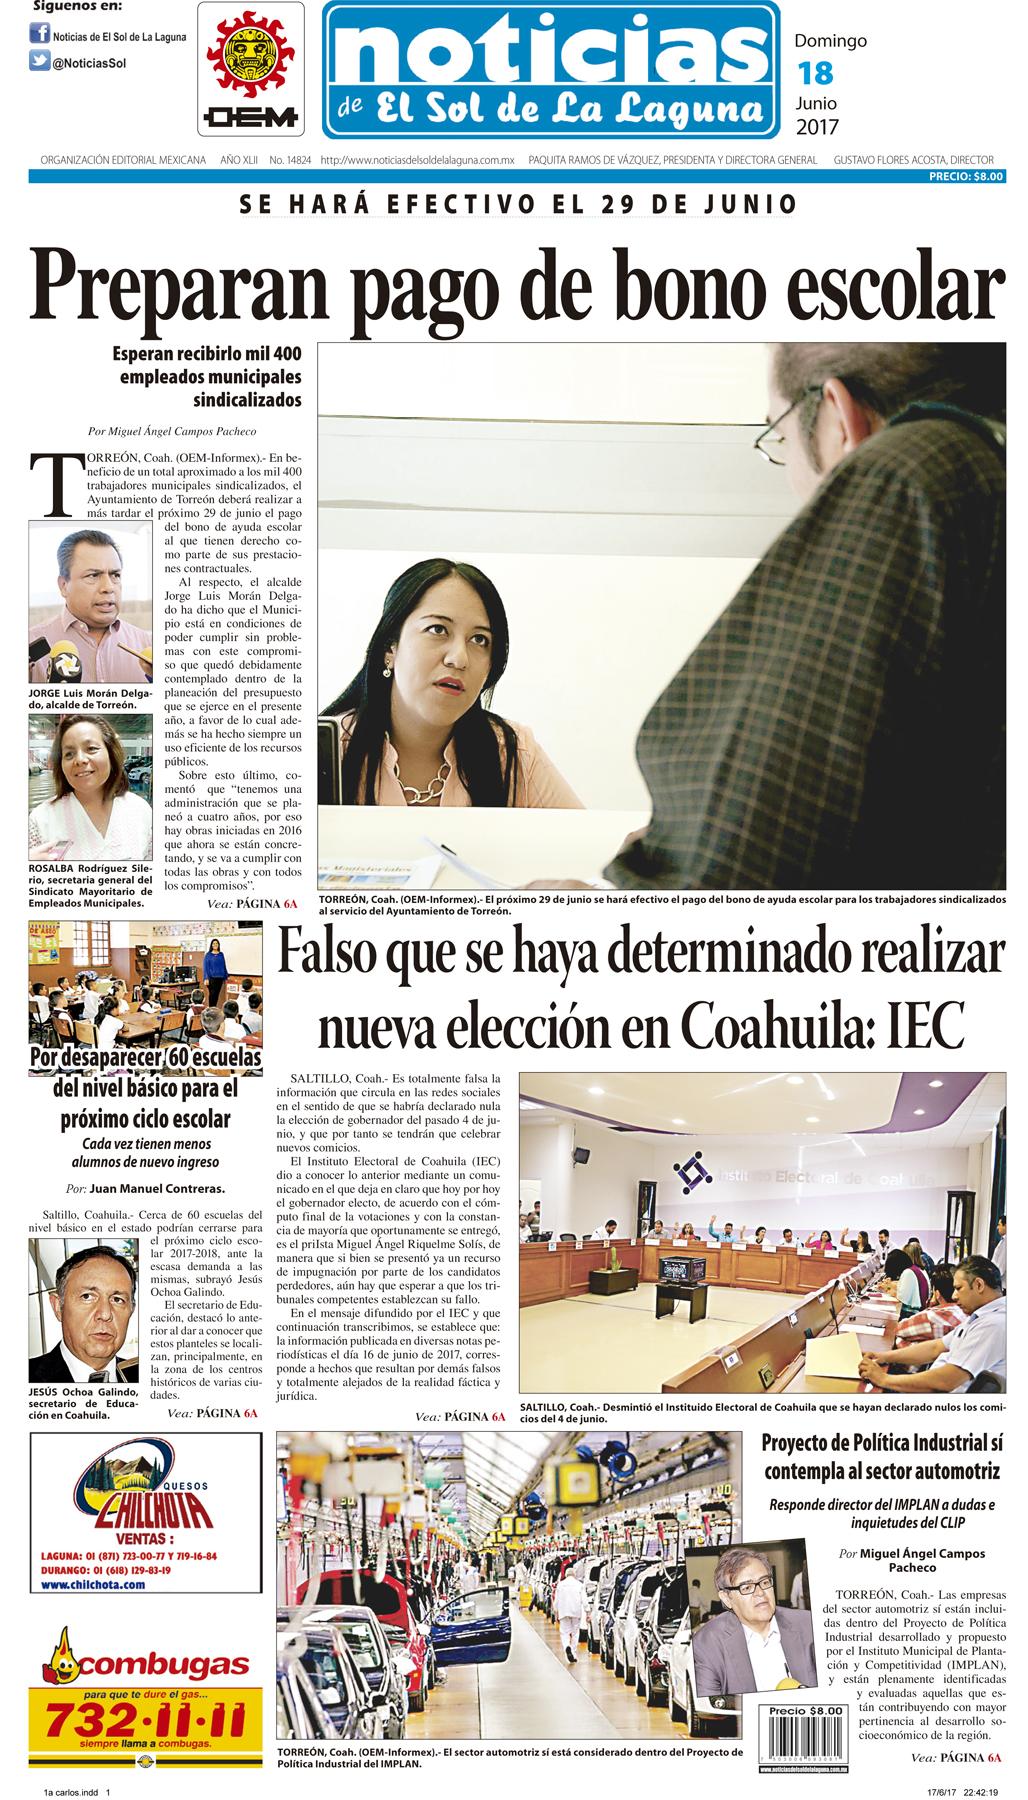 1a carlos.indd